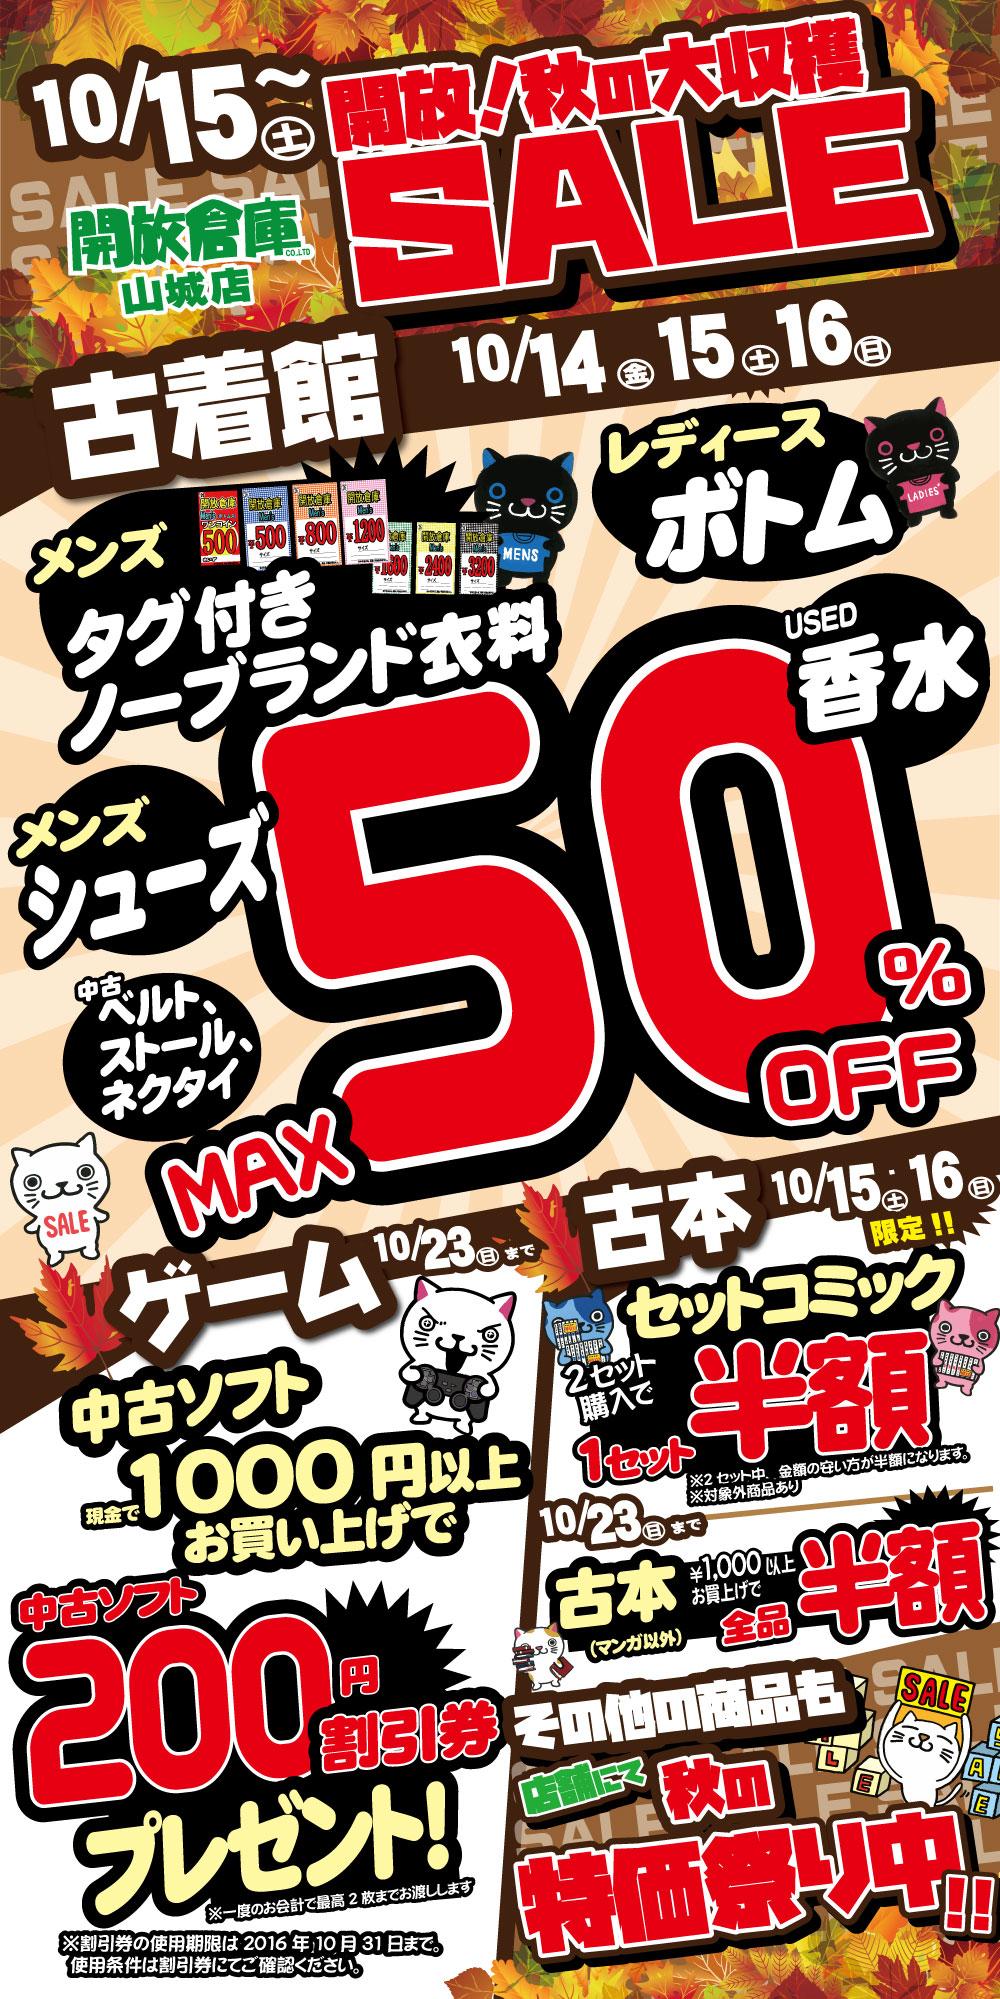 「開放倉庫山城店」開放!秋の大収穫セール!(古着館)10月14日~16日(日)まで